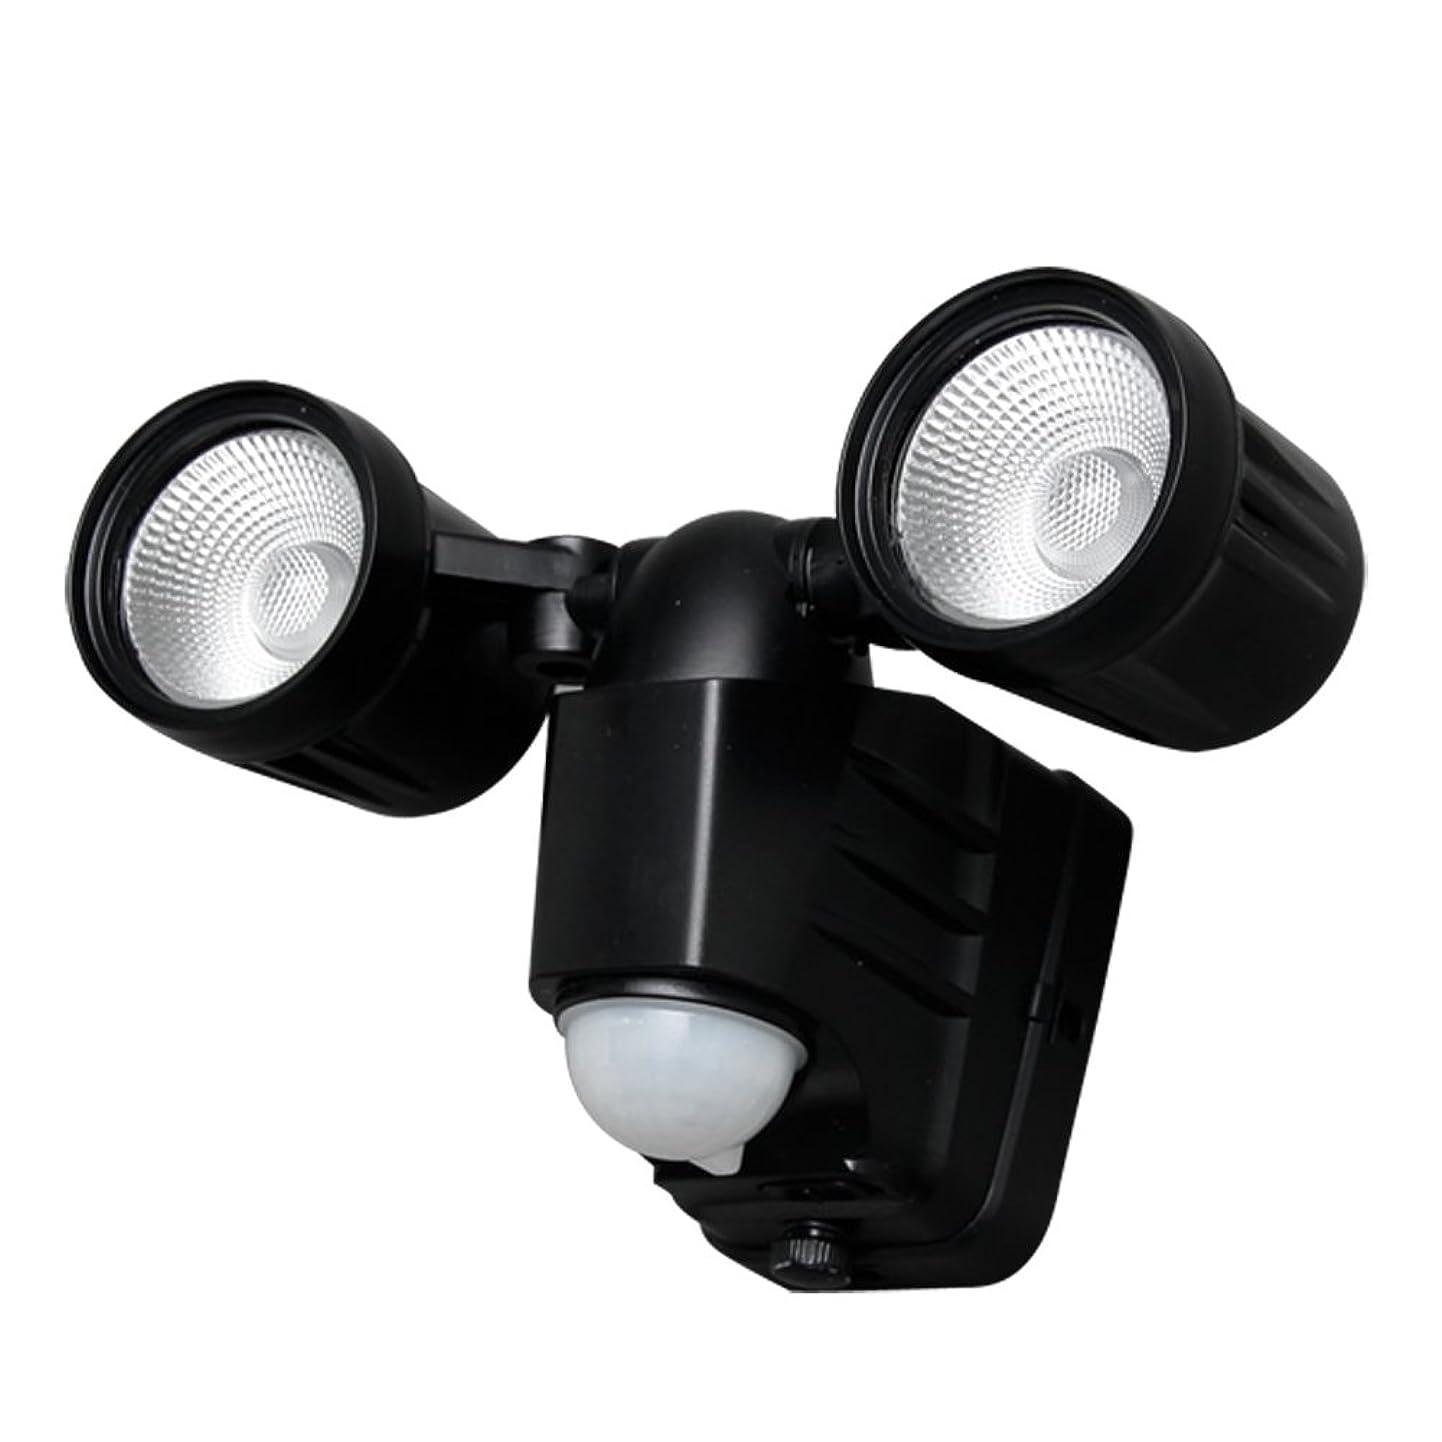 中絶無効にする性格アイリスオーヤマ 乾電池式センサーライト 2灯 電球色 LSL-B3TL-200